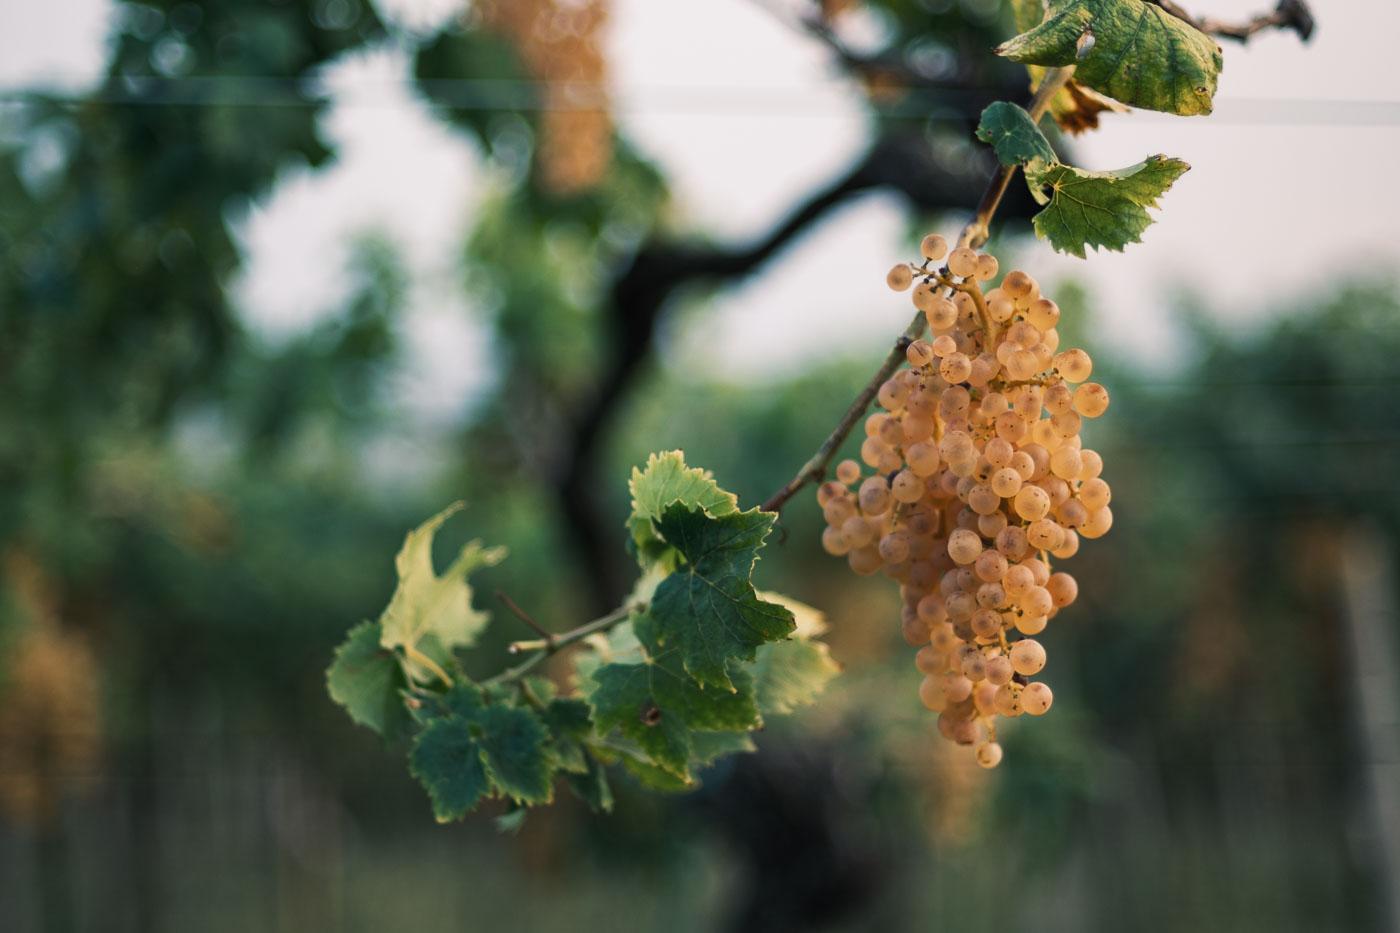 vendemmia-naturale-vino-uva-gambellara-garganega-maule-sauro-fotografo-rui-_RUI2886_p_Lr_web